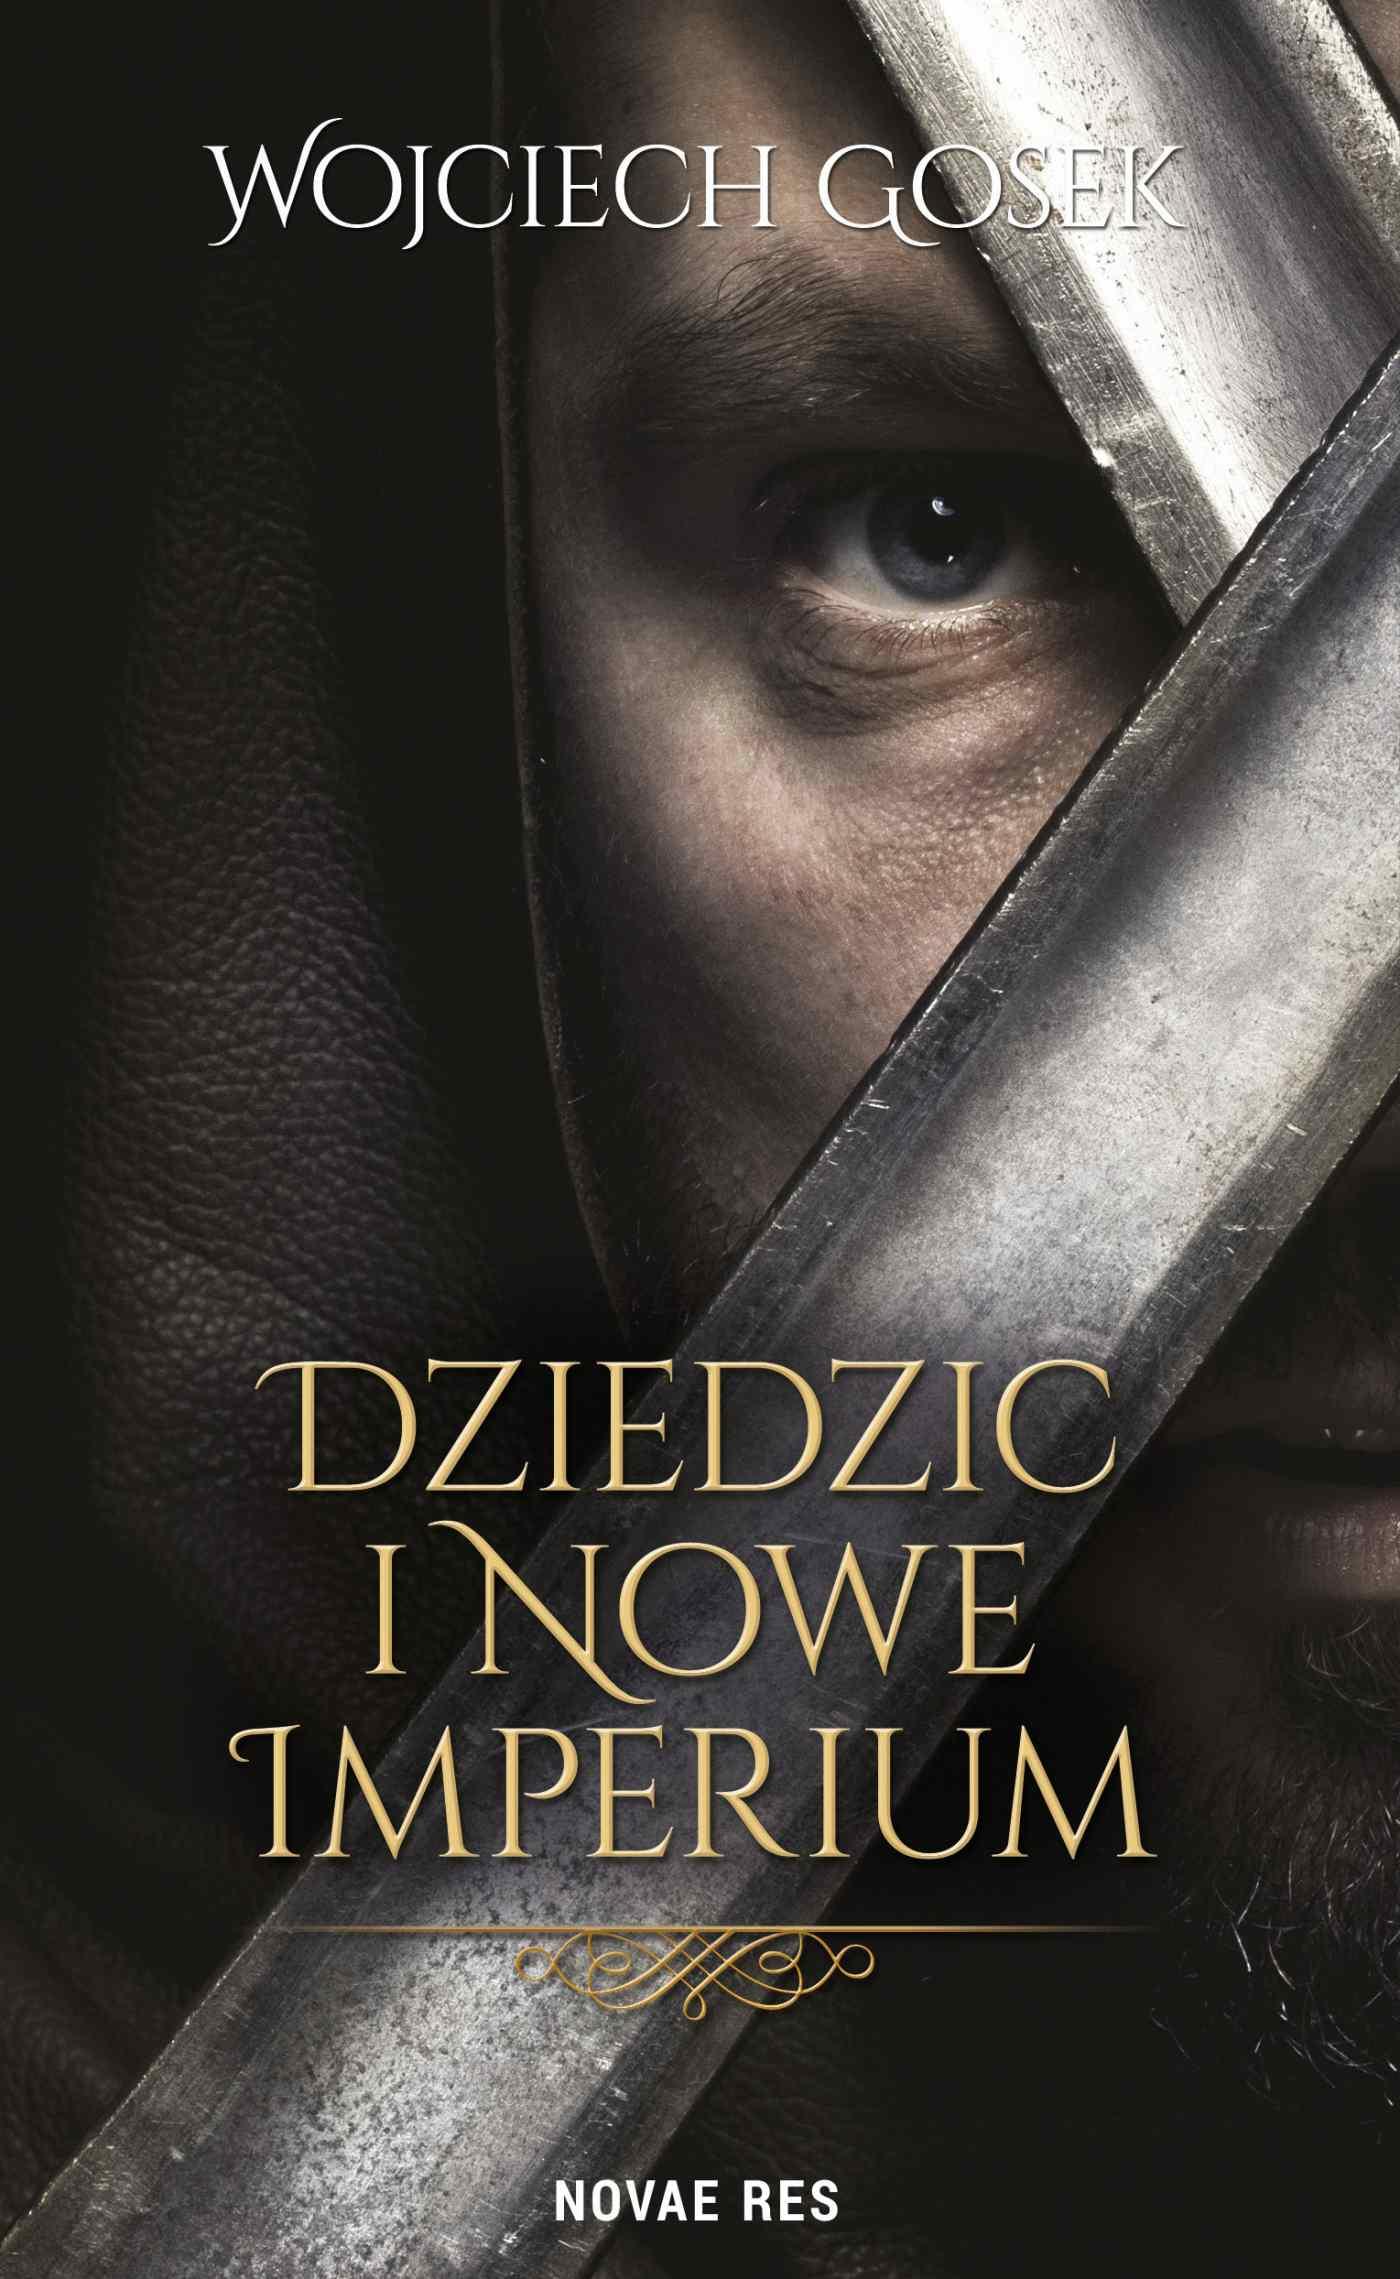 Dziedzic i nowe imperium - Ebook (Książka na Kindle) do pobrania w formacie MOBI